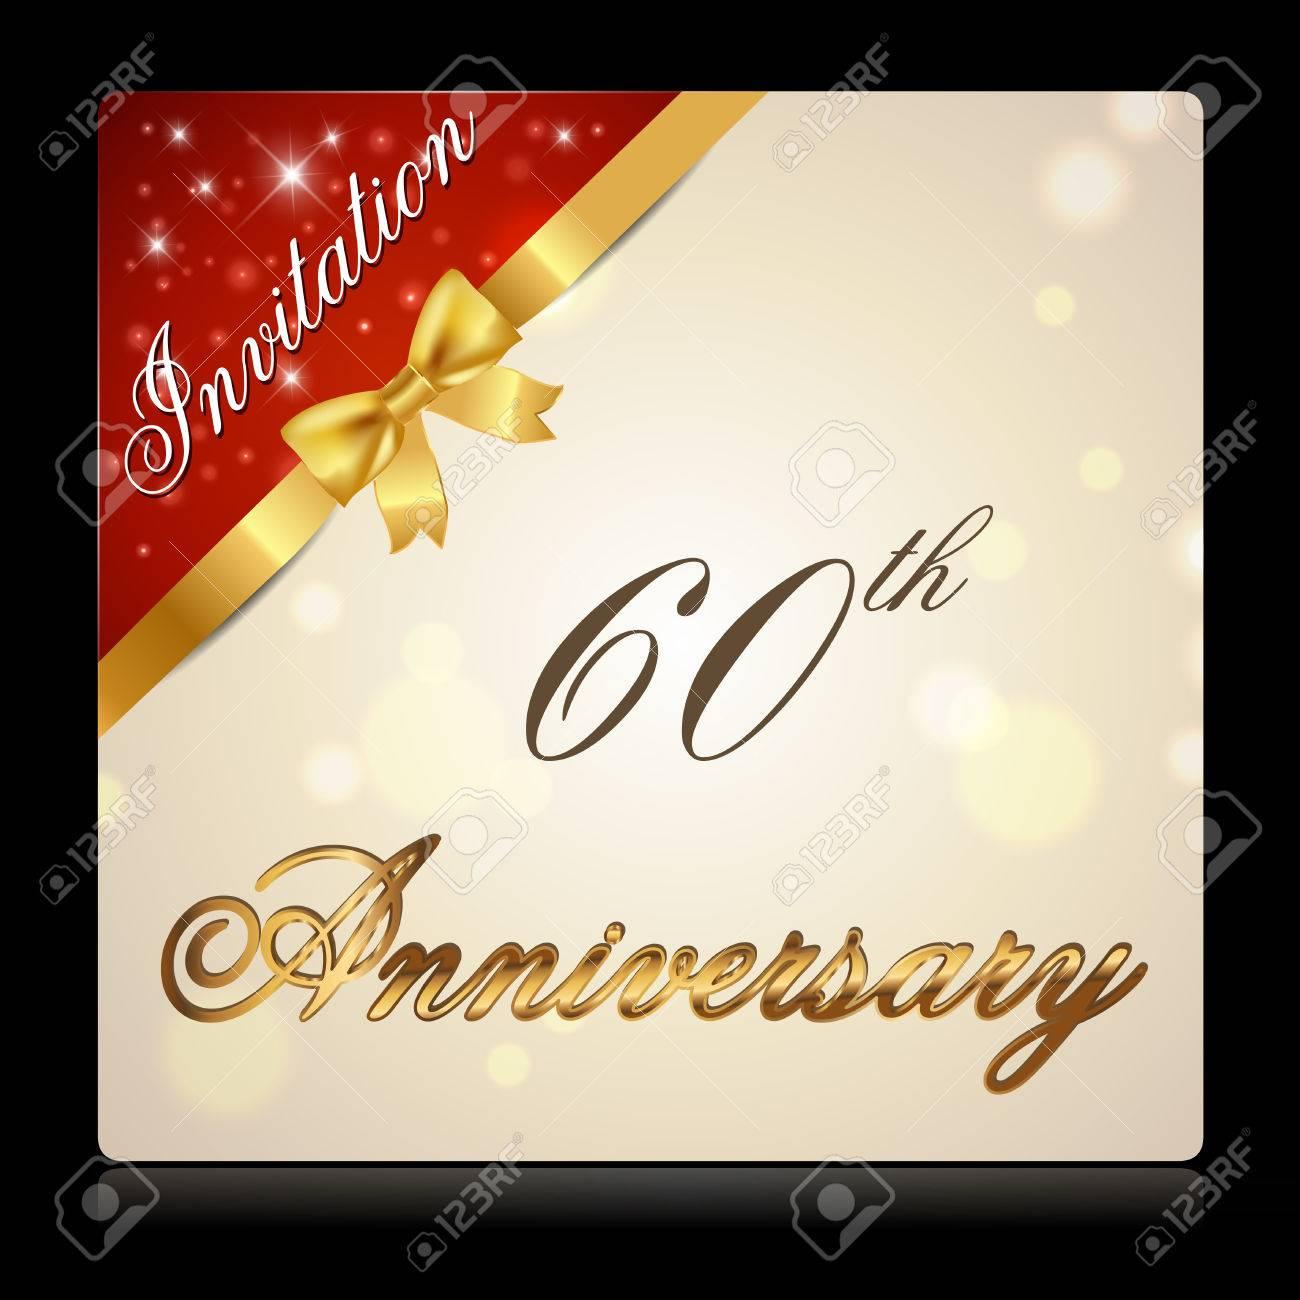 Cinta De 60 Años La Celebración Del Aniversario De Oro Tarjeta Decorativo Invitación Vector Eps10